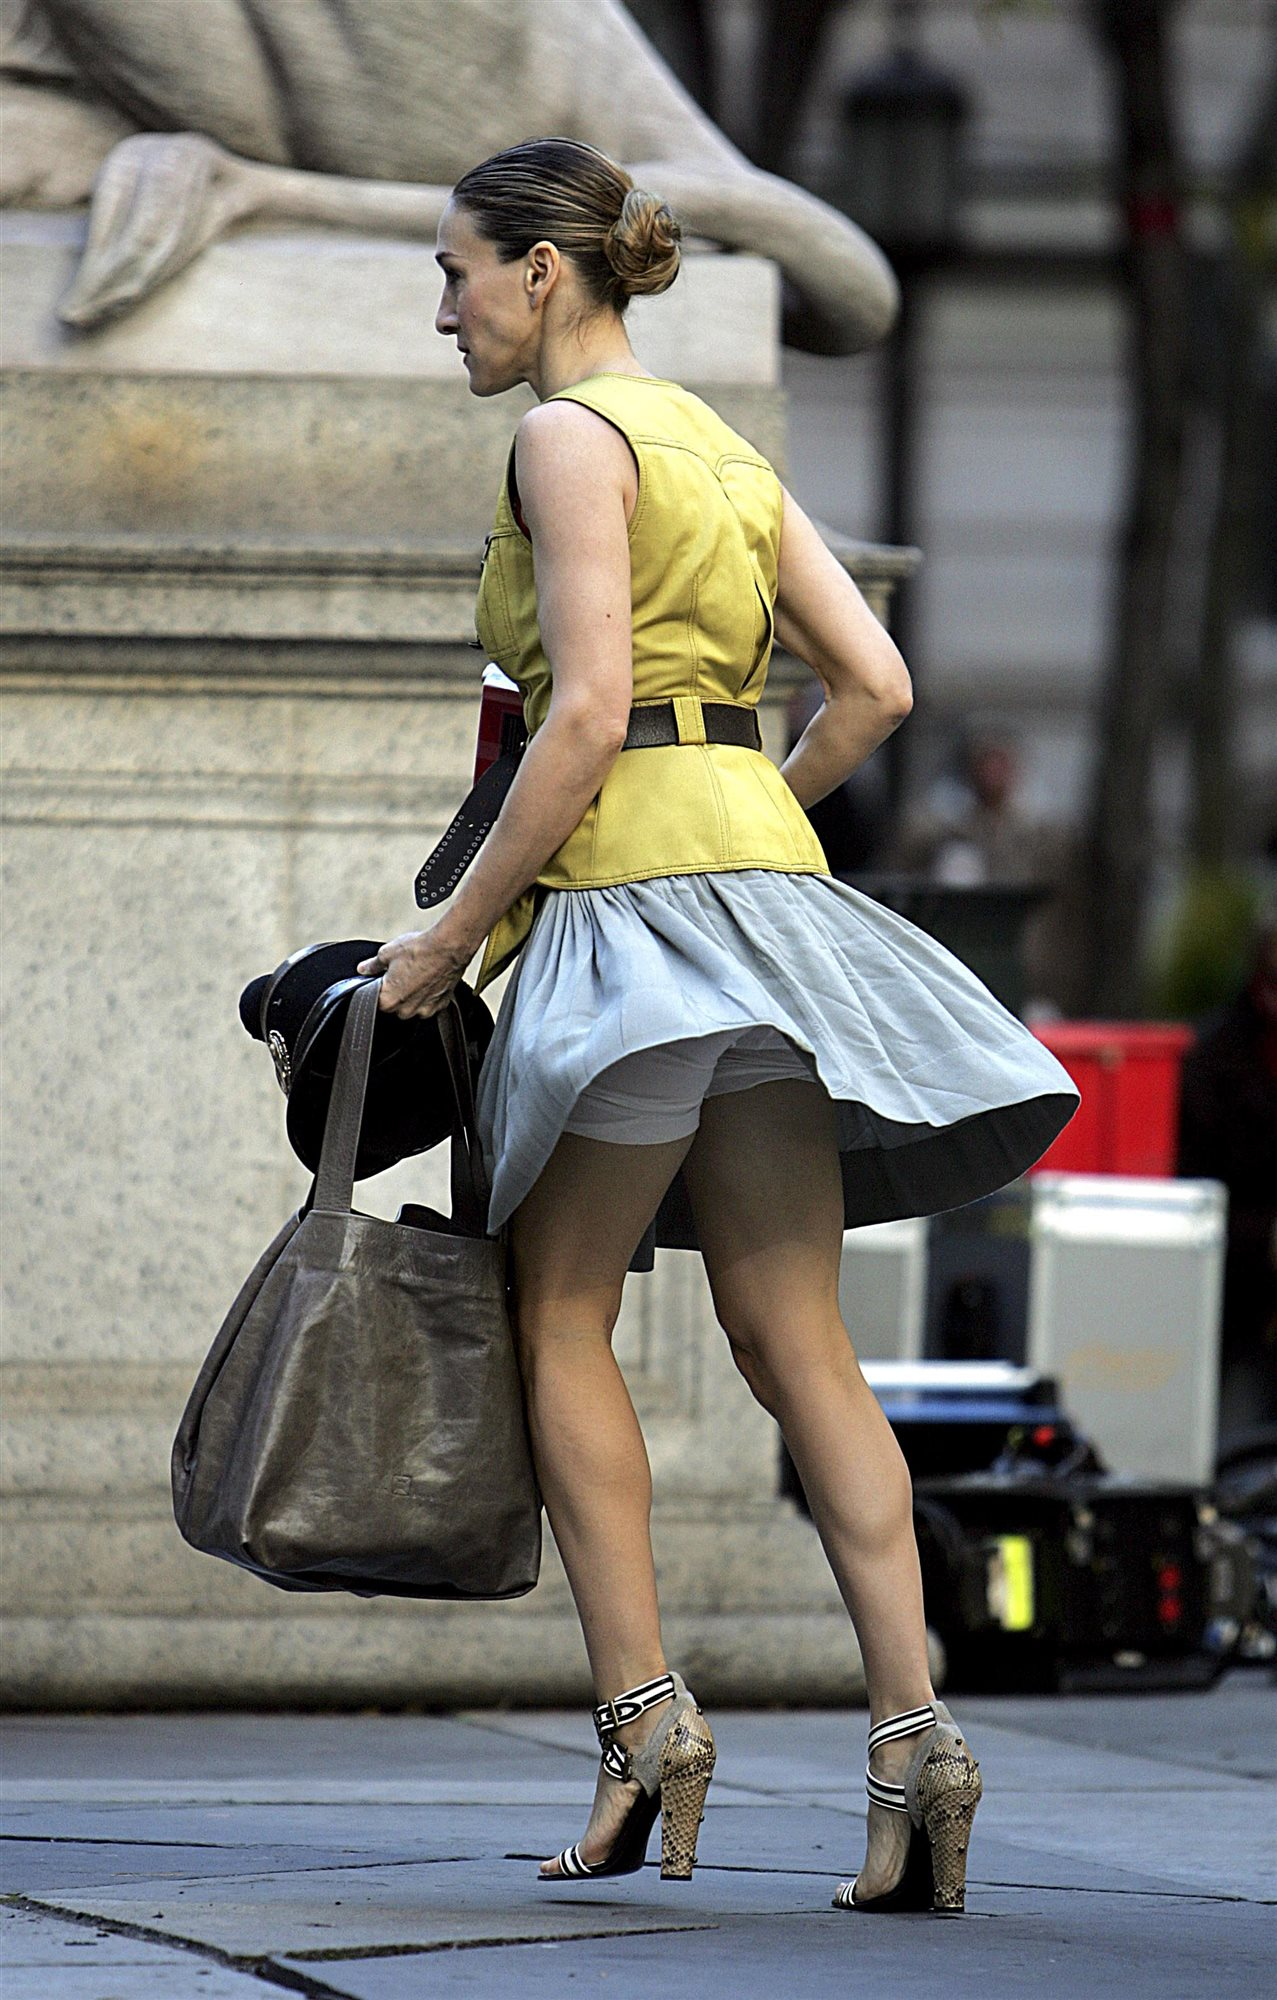 Девушкам ветер поднял юбку — pic 9